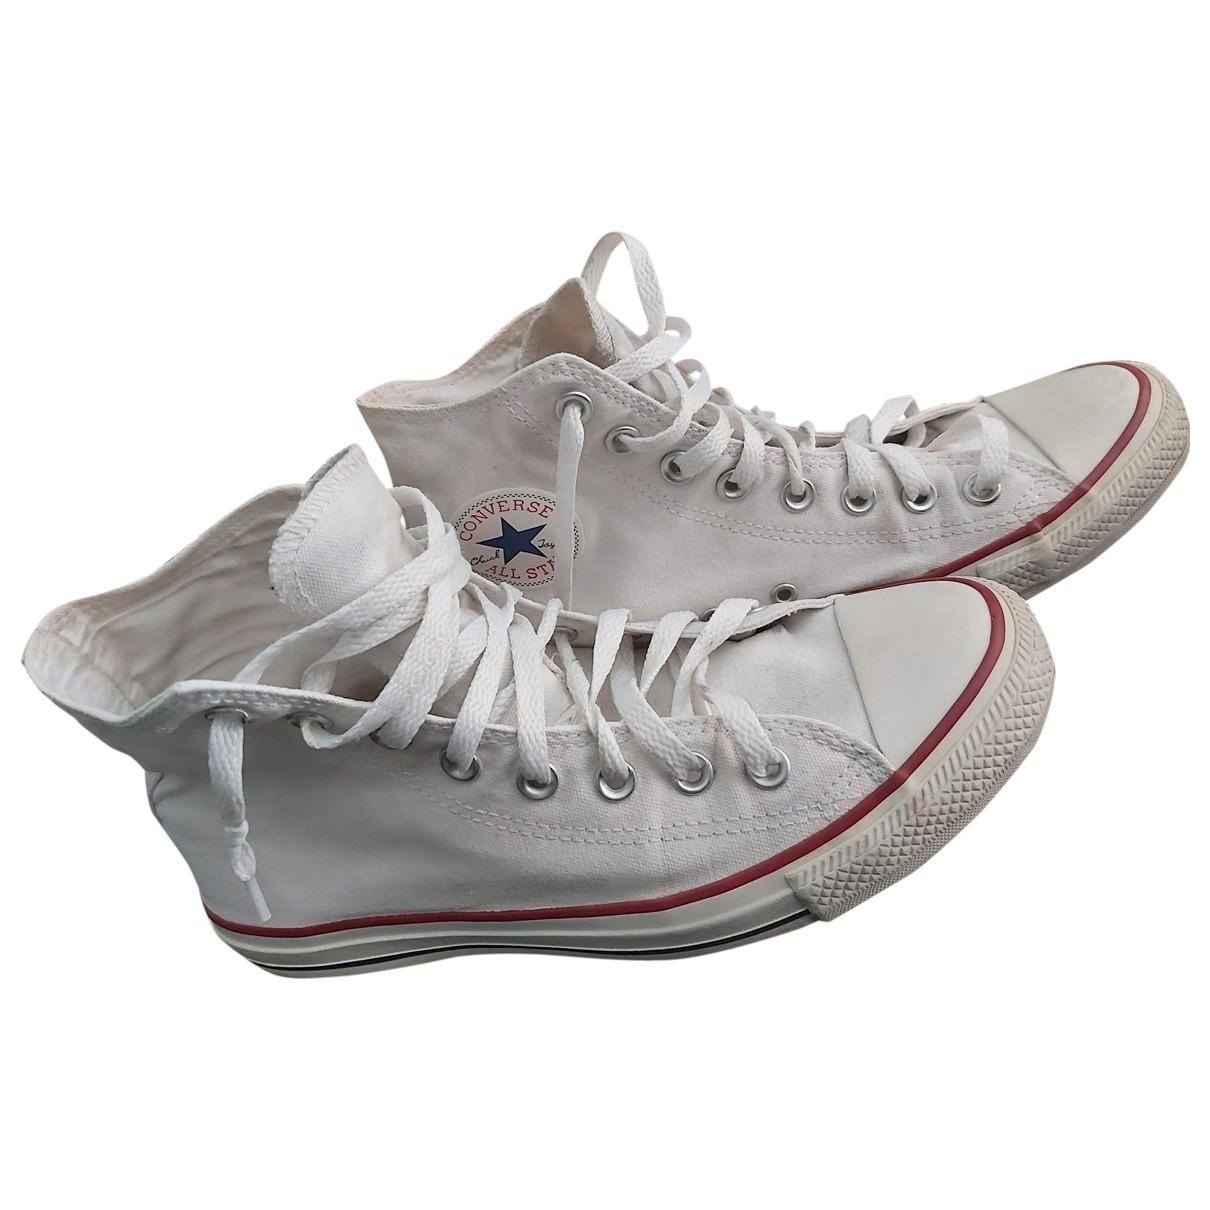 Converse - Baskets   pour homme en toile - blanc